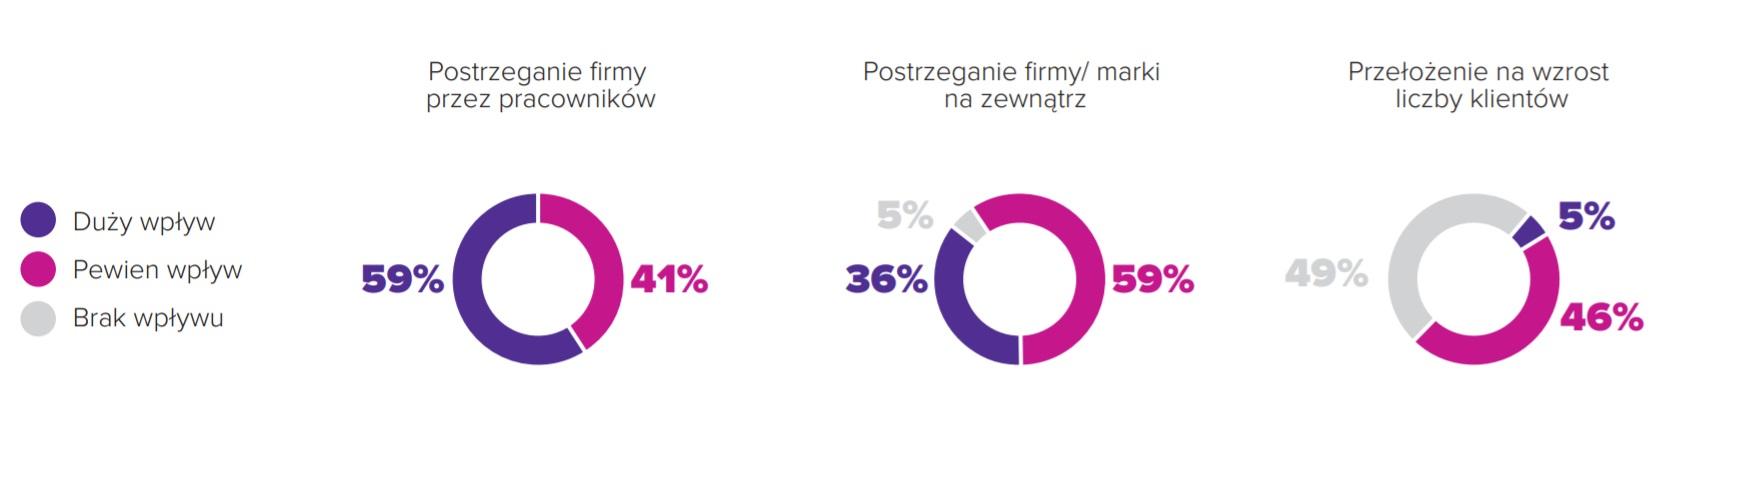 Źródło: odpowiedzialnybiznes.pl